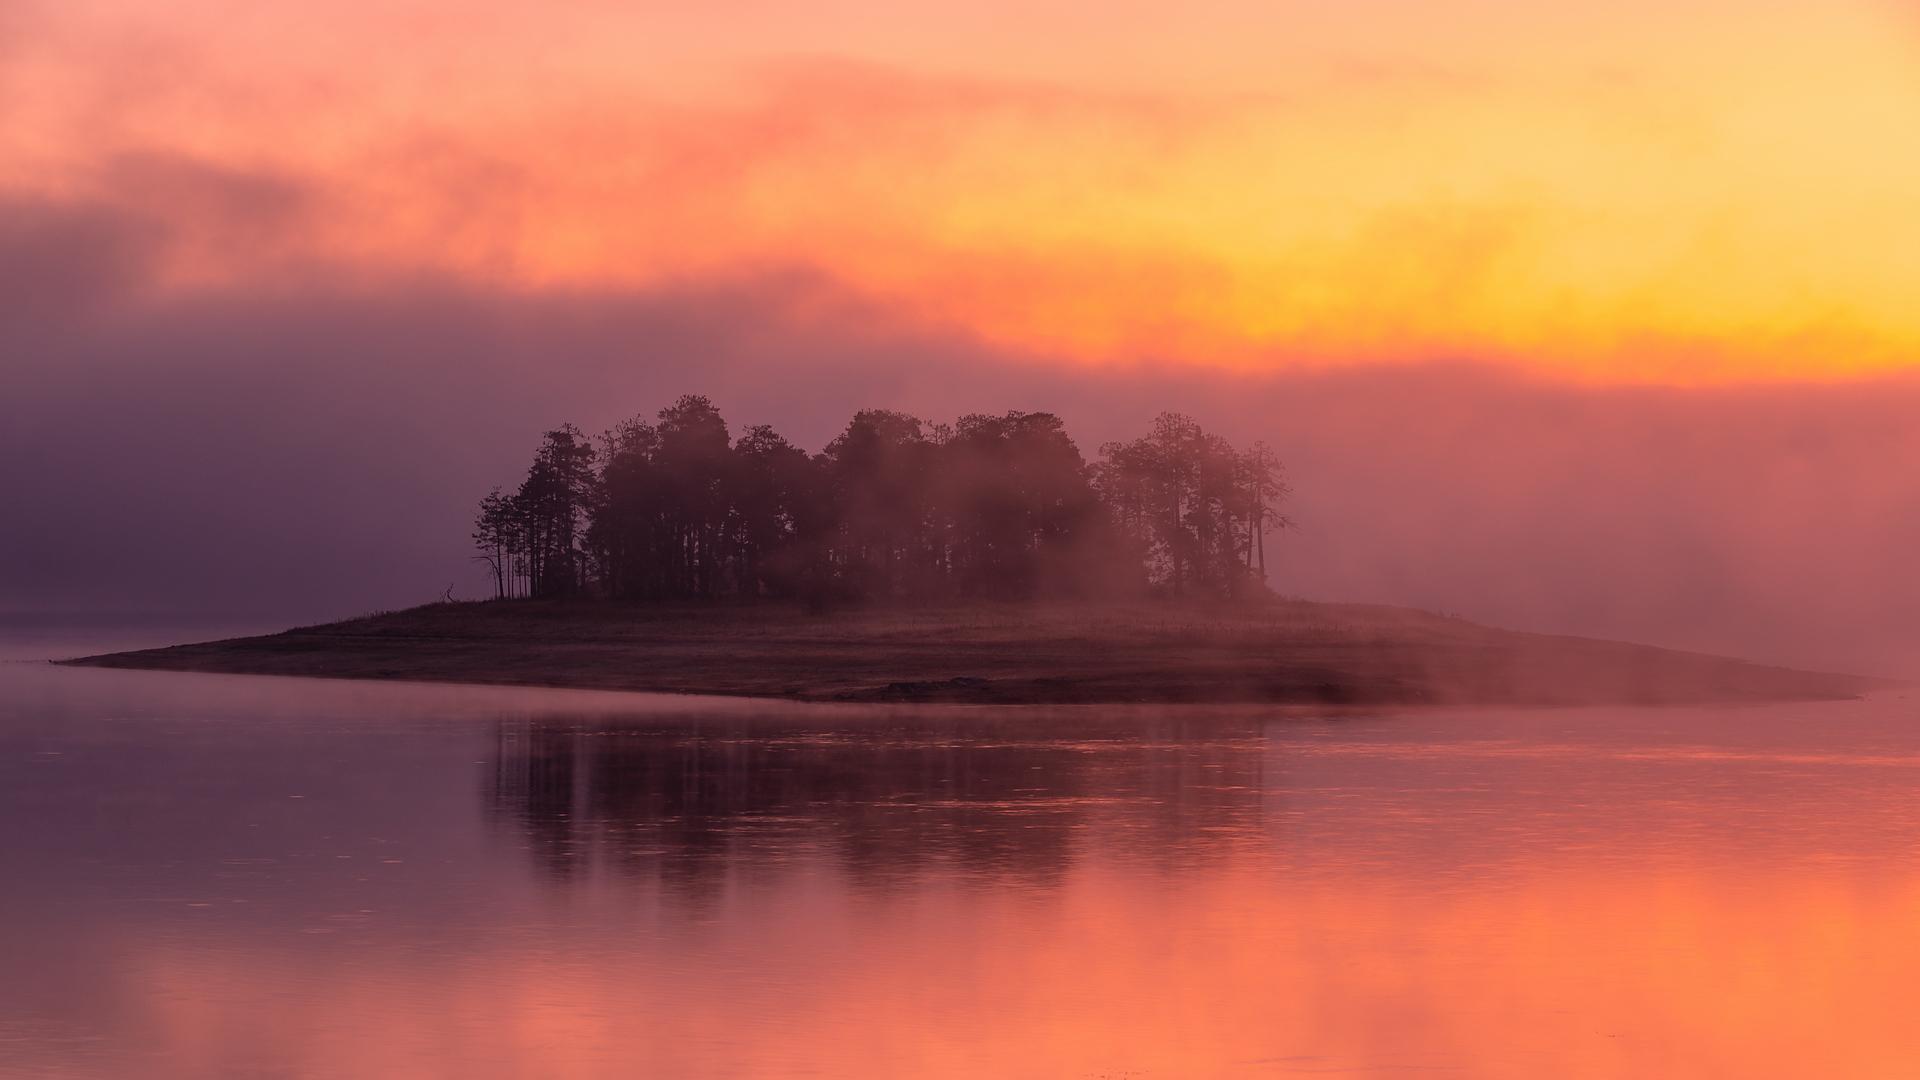 Тайнственият остров | Author Yuliyan Ivanov - Julius | PHOTO FORUM